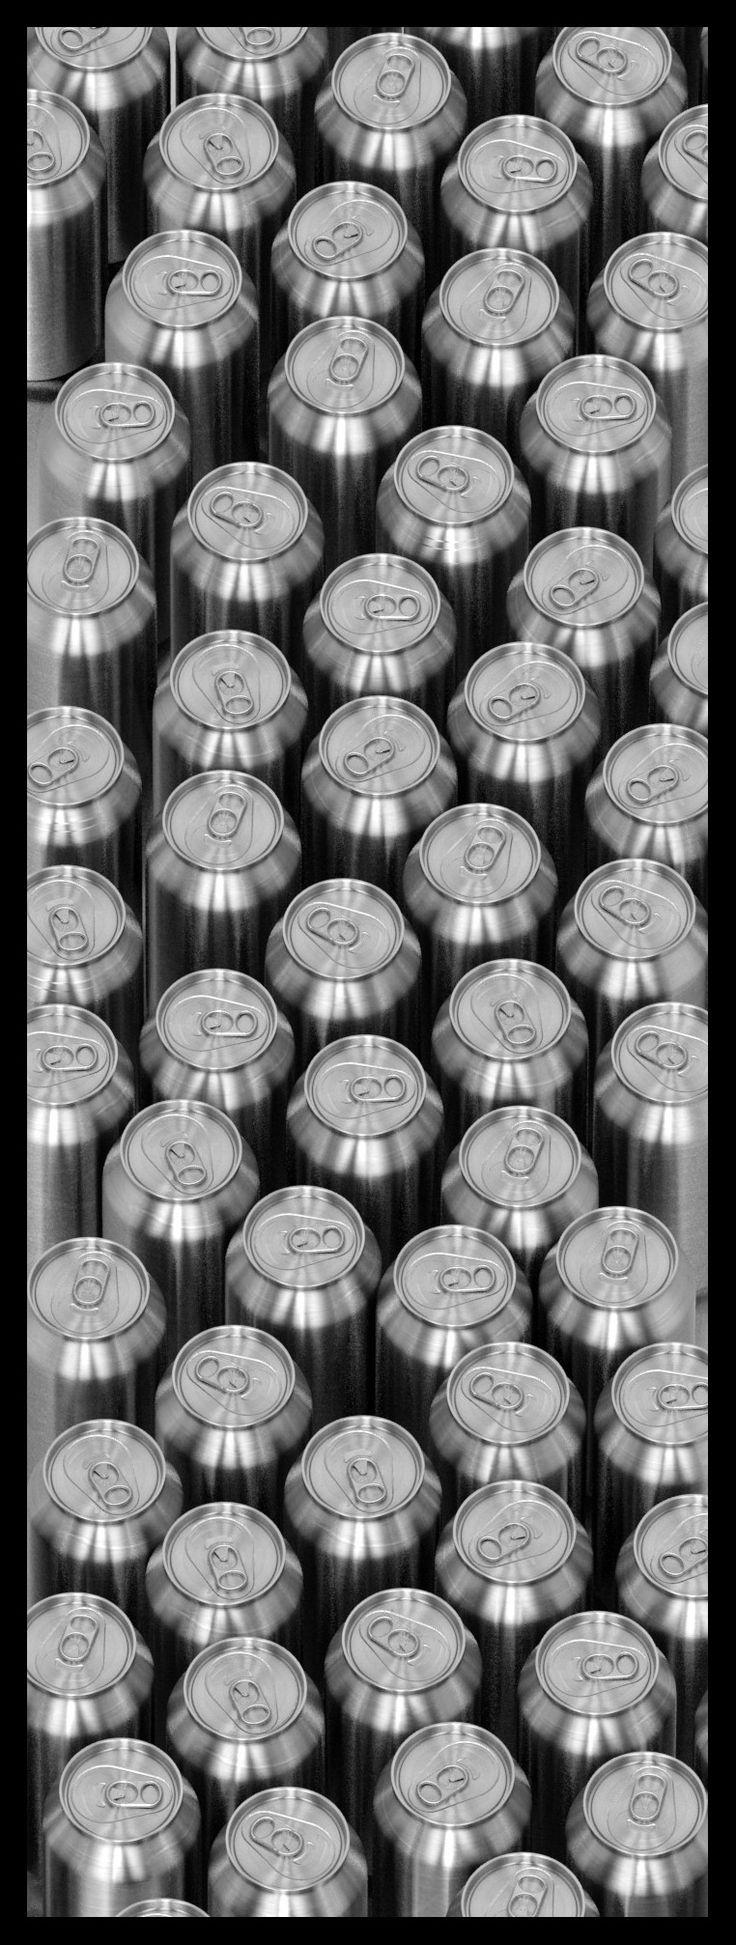 Kurts cans